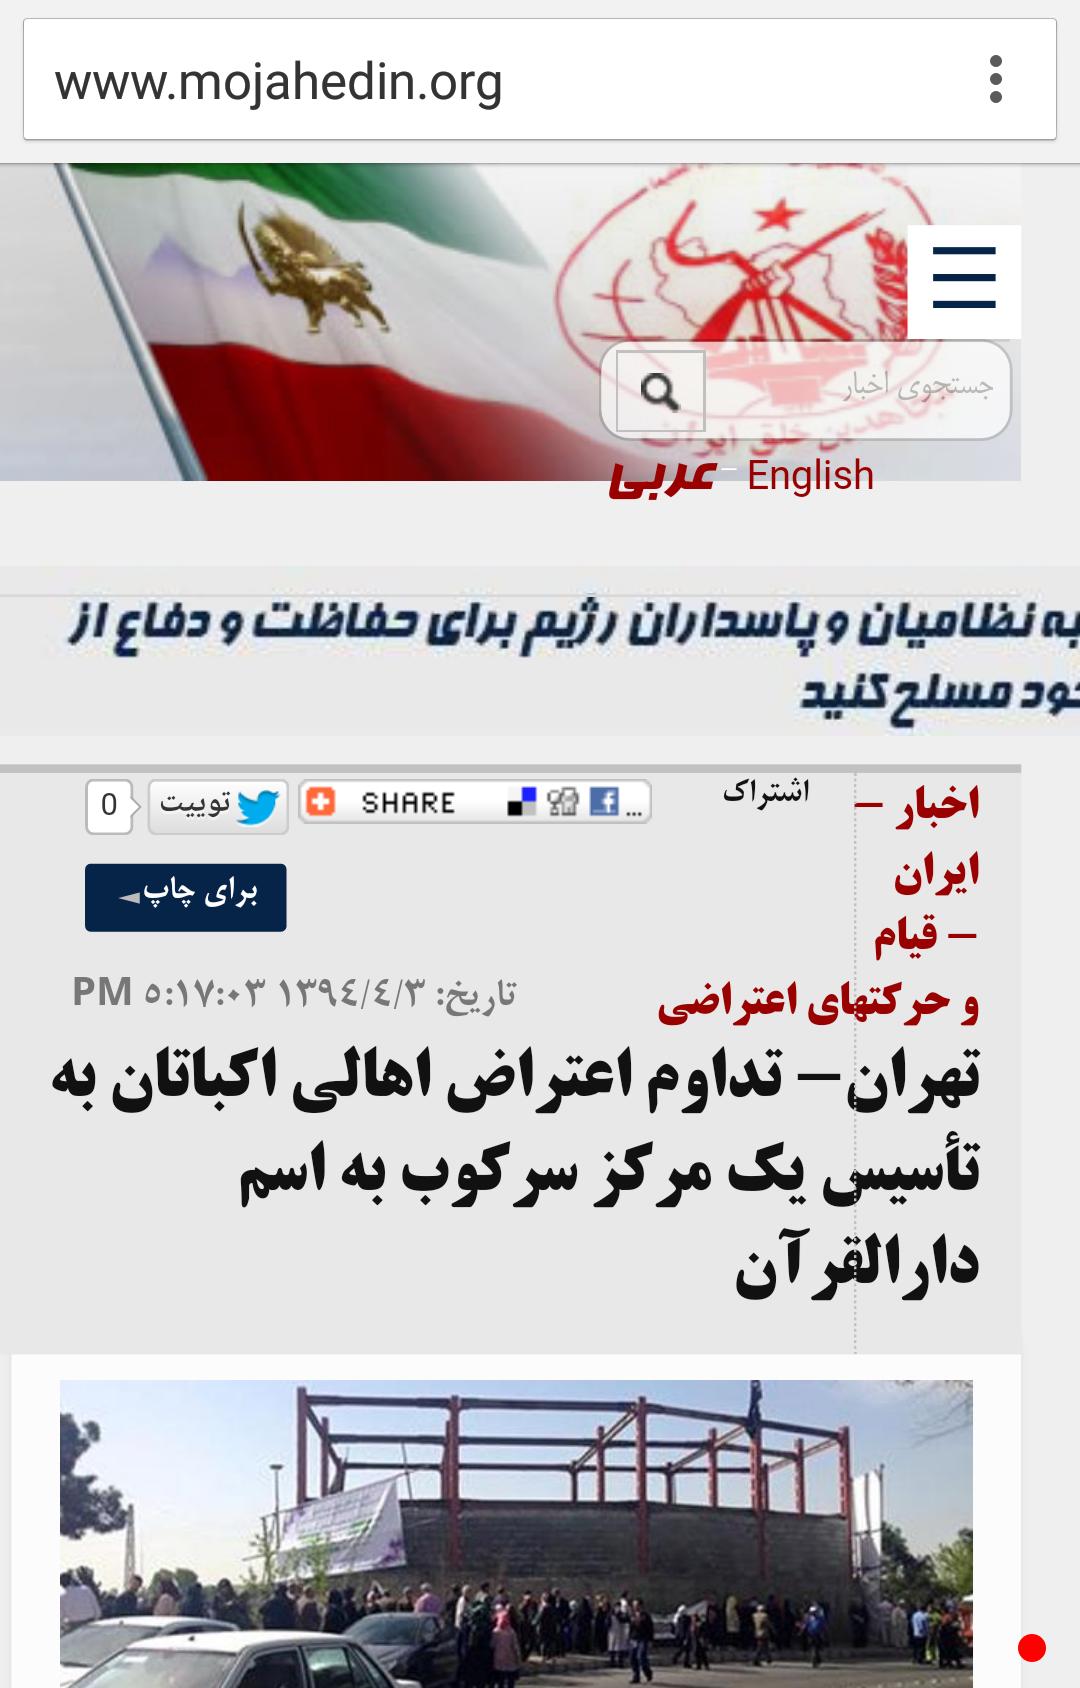 حمایت رسانه های ضد انقلاب از تجمع و هتک حرمت مراسم شهید مقابل دارالقرآن + عکس